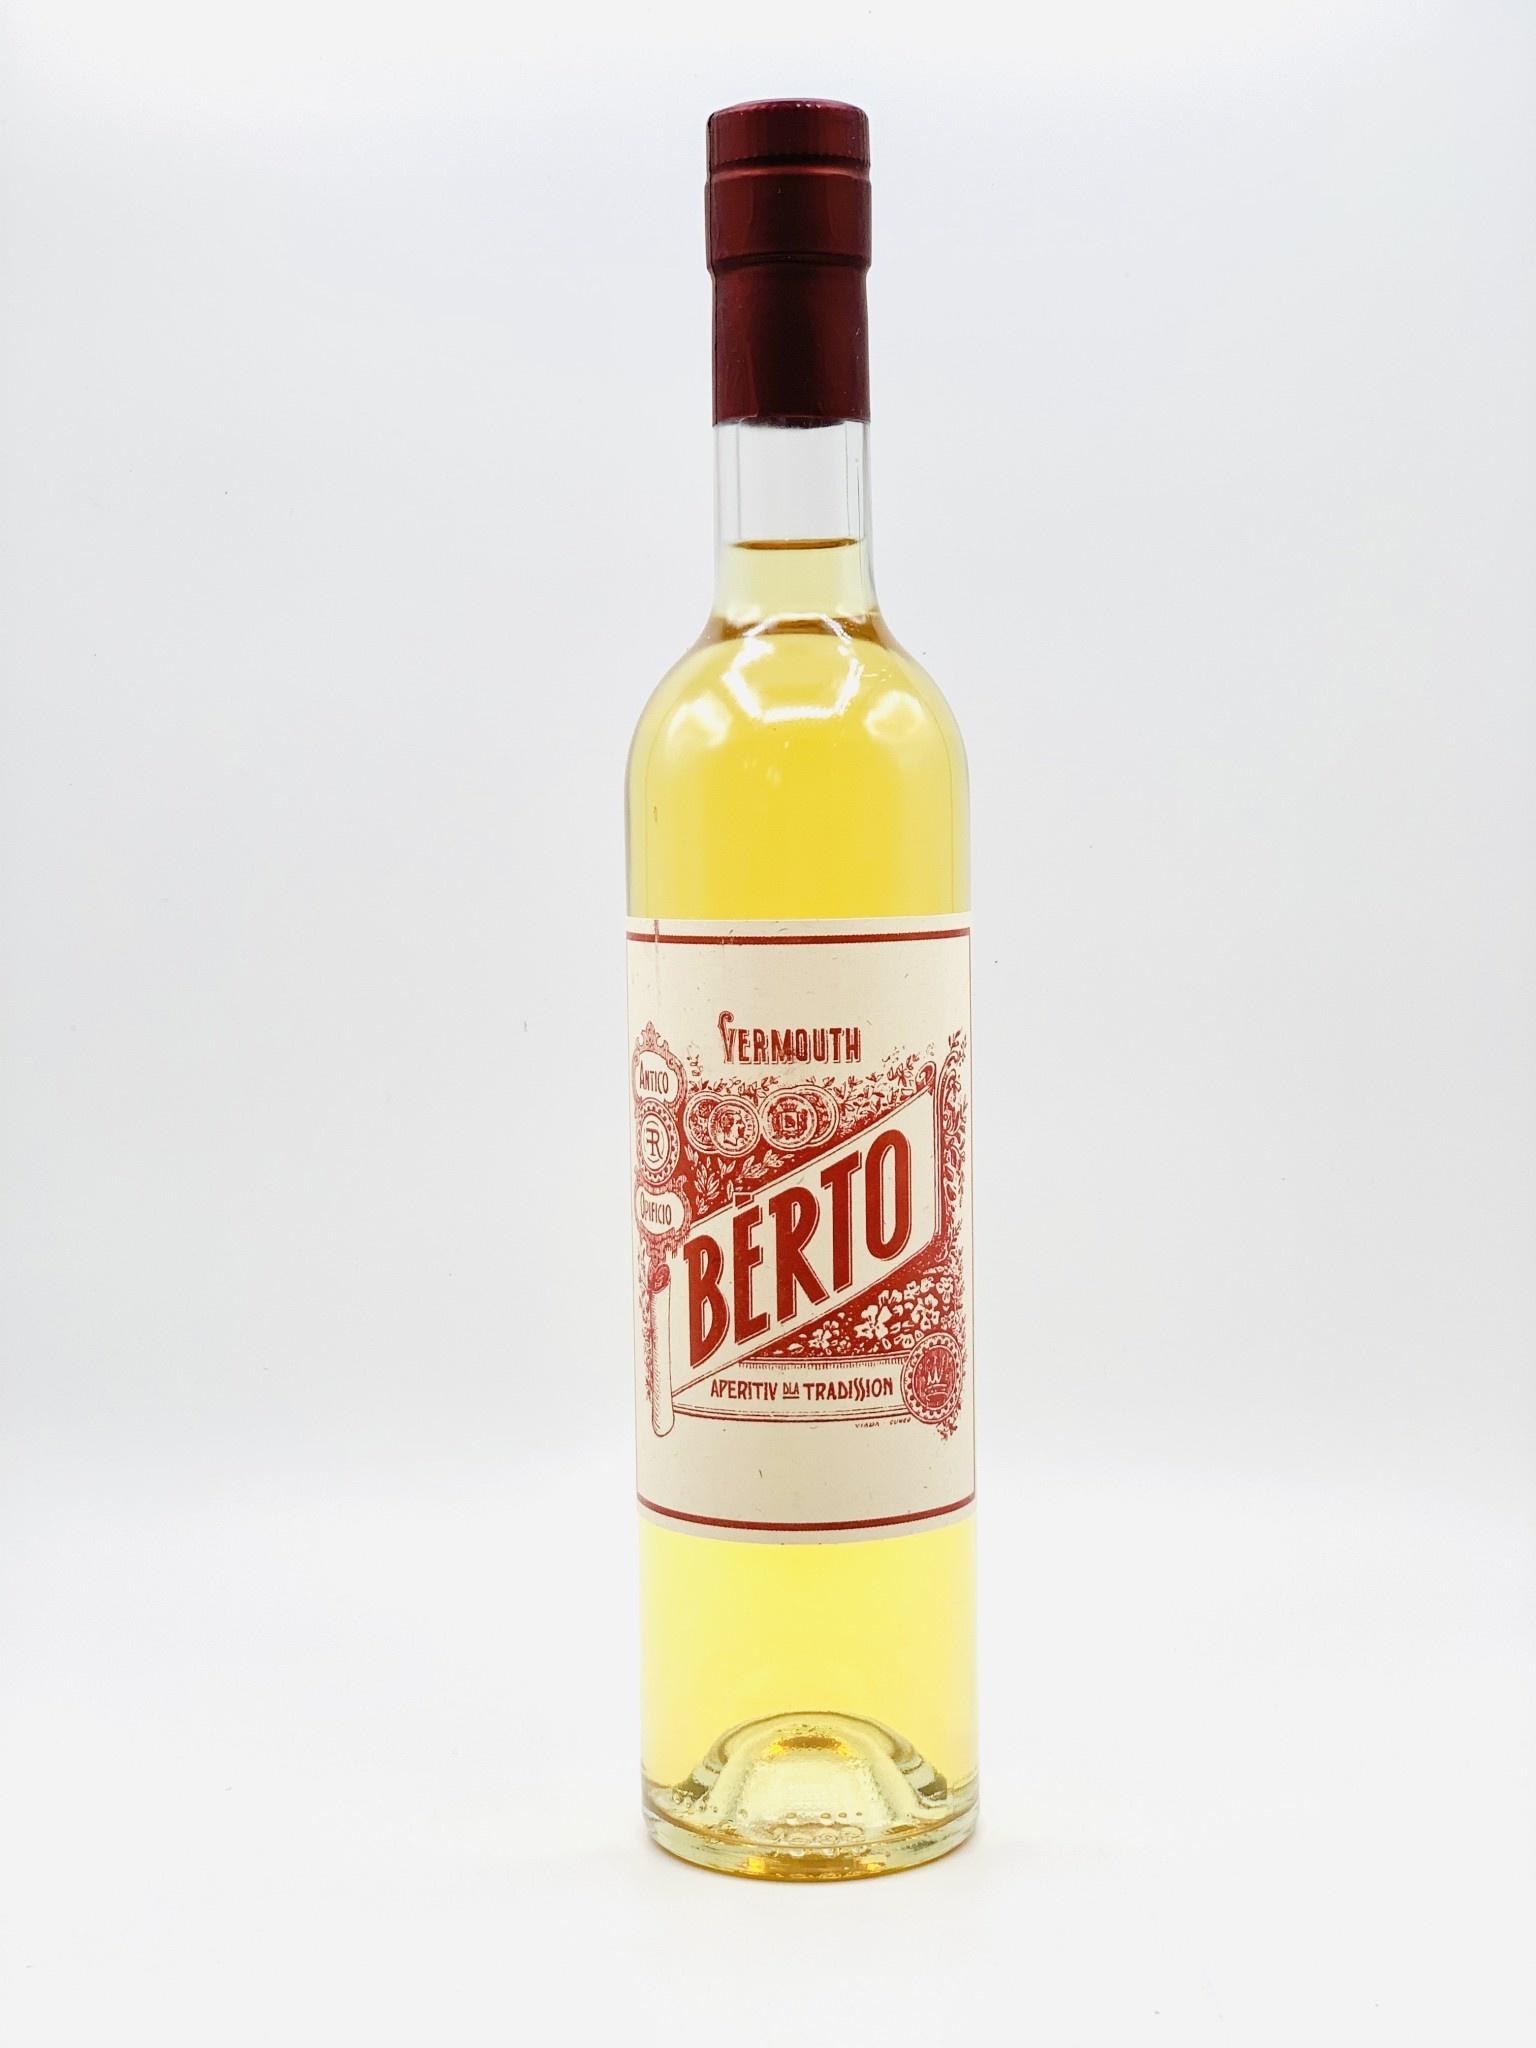 Berto Aperitiv dela Tradission Bianco Vermouth 500ml